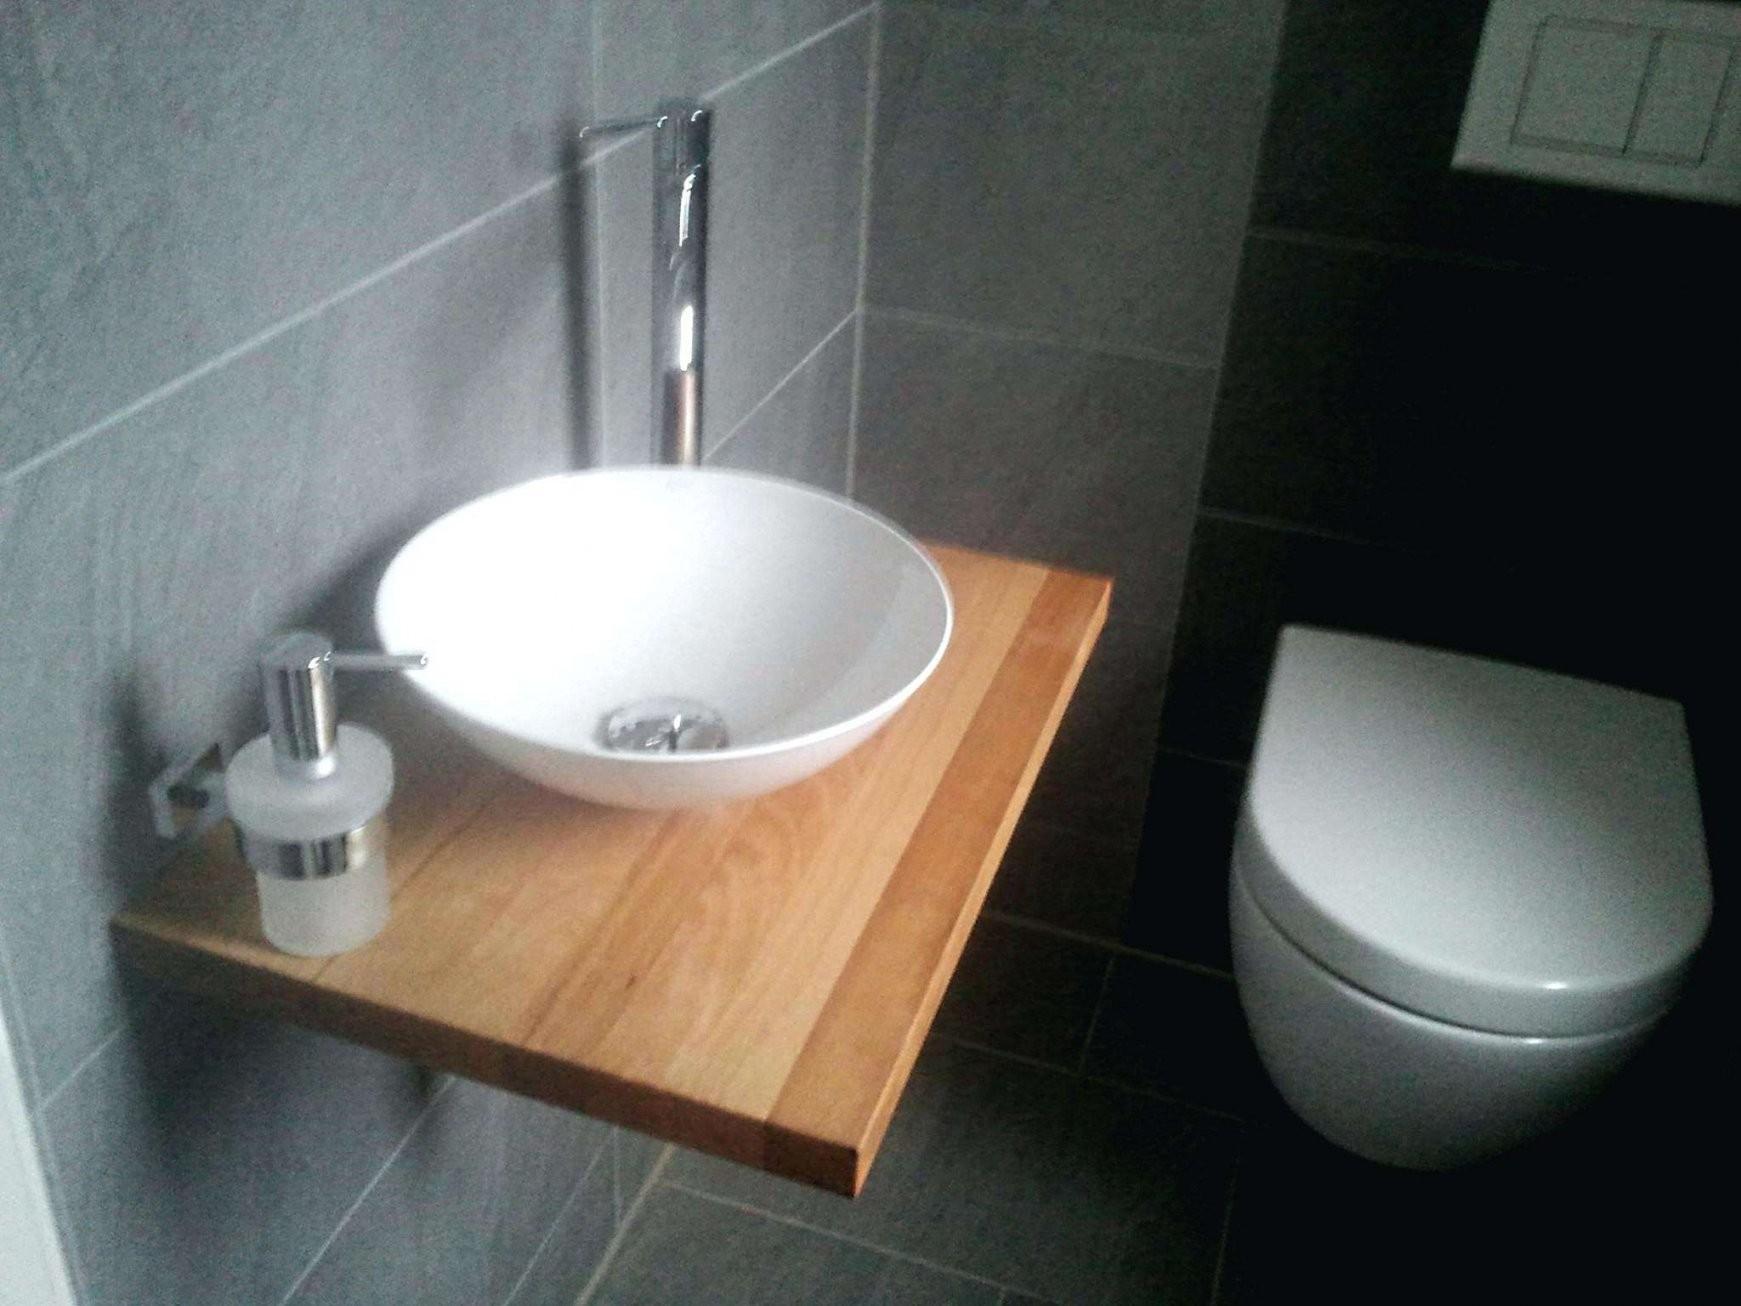 Waschbecken Gste Wc Ideen Design Von Waschtisch Fr Kleines von Kleine Waschbecken Für Gäste Wc Photo